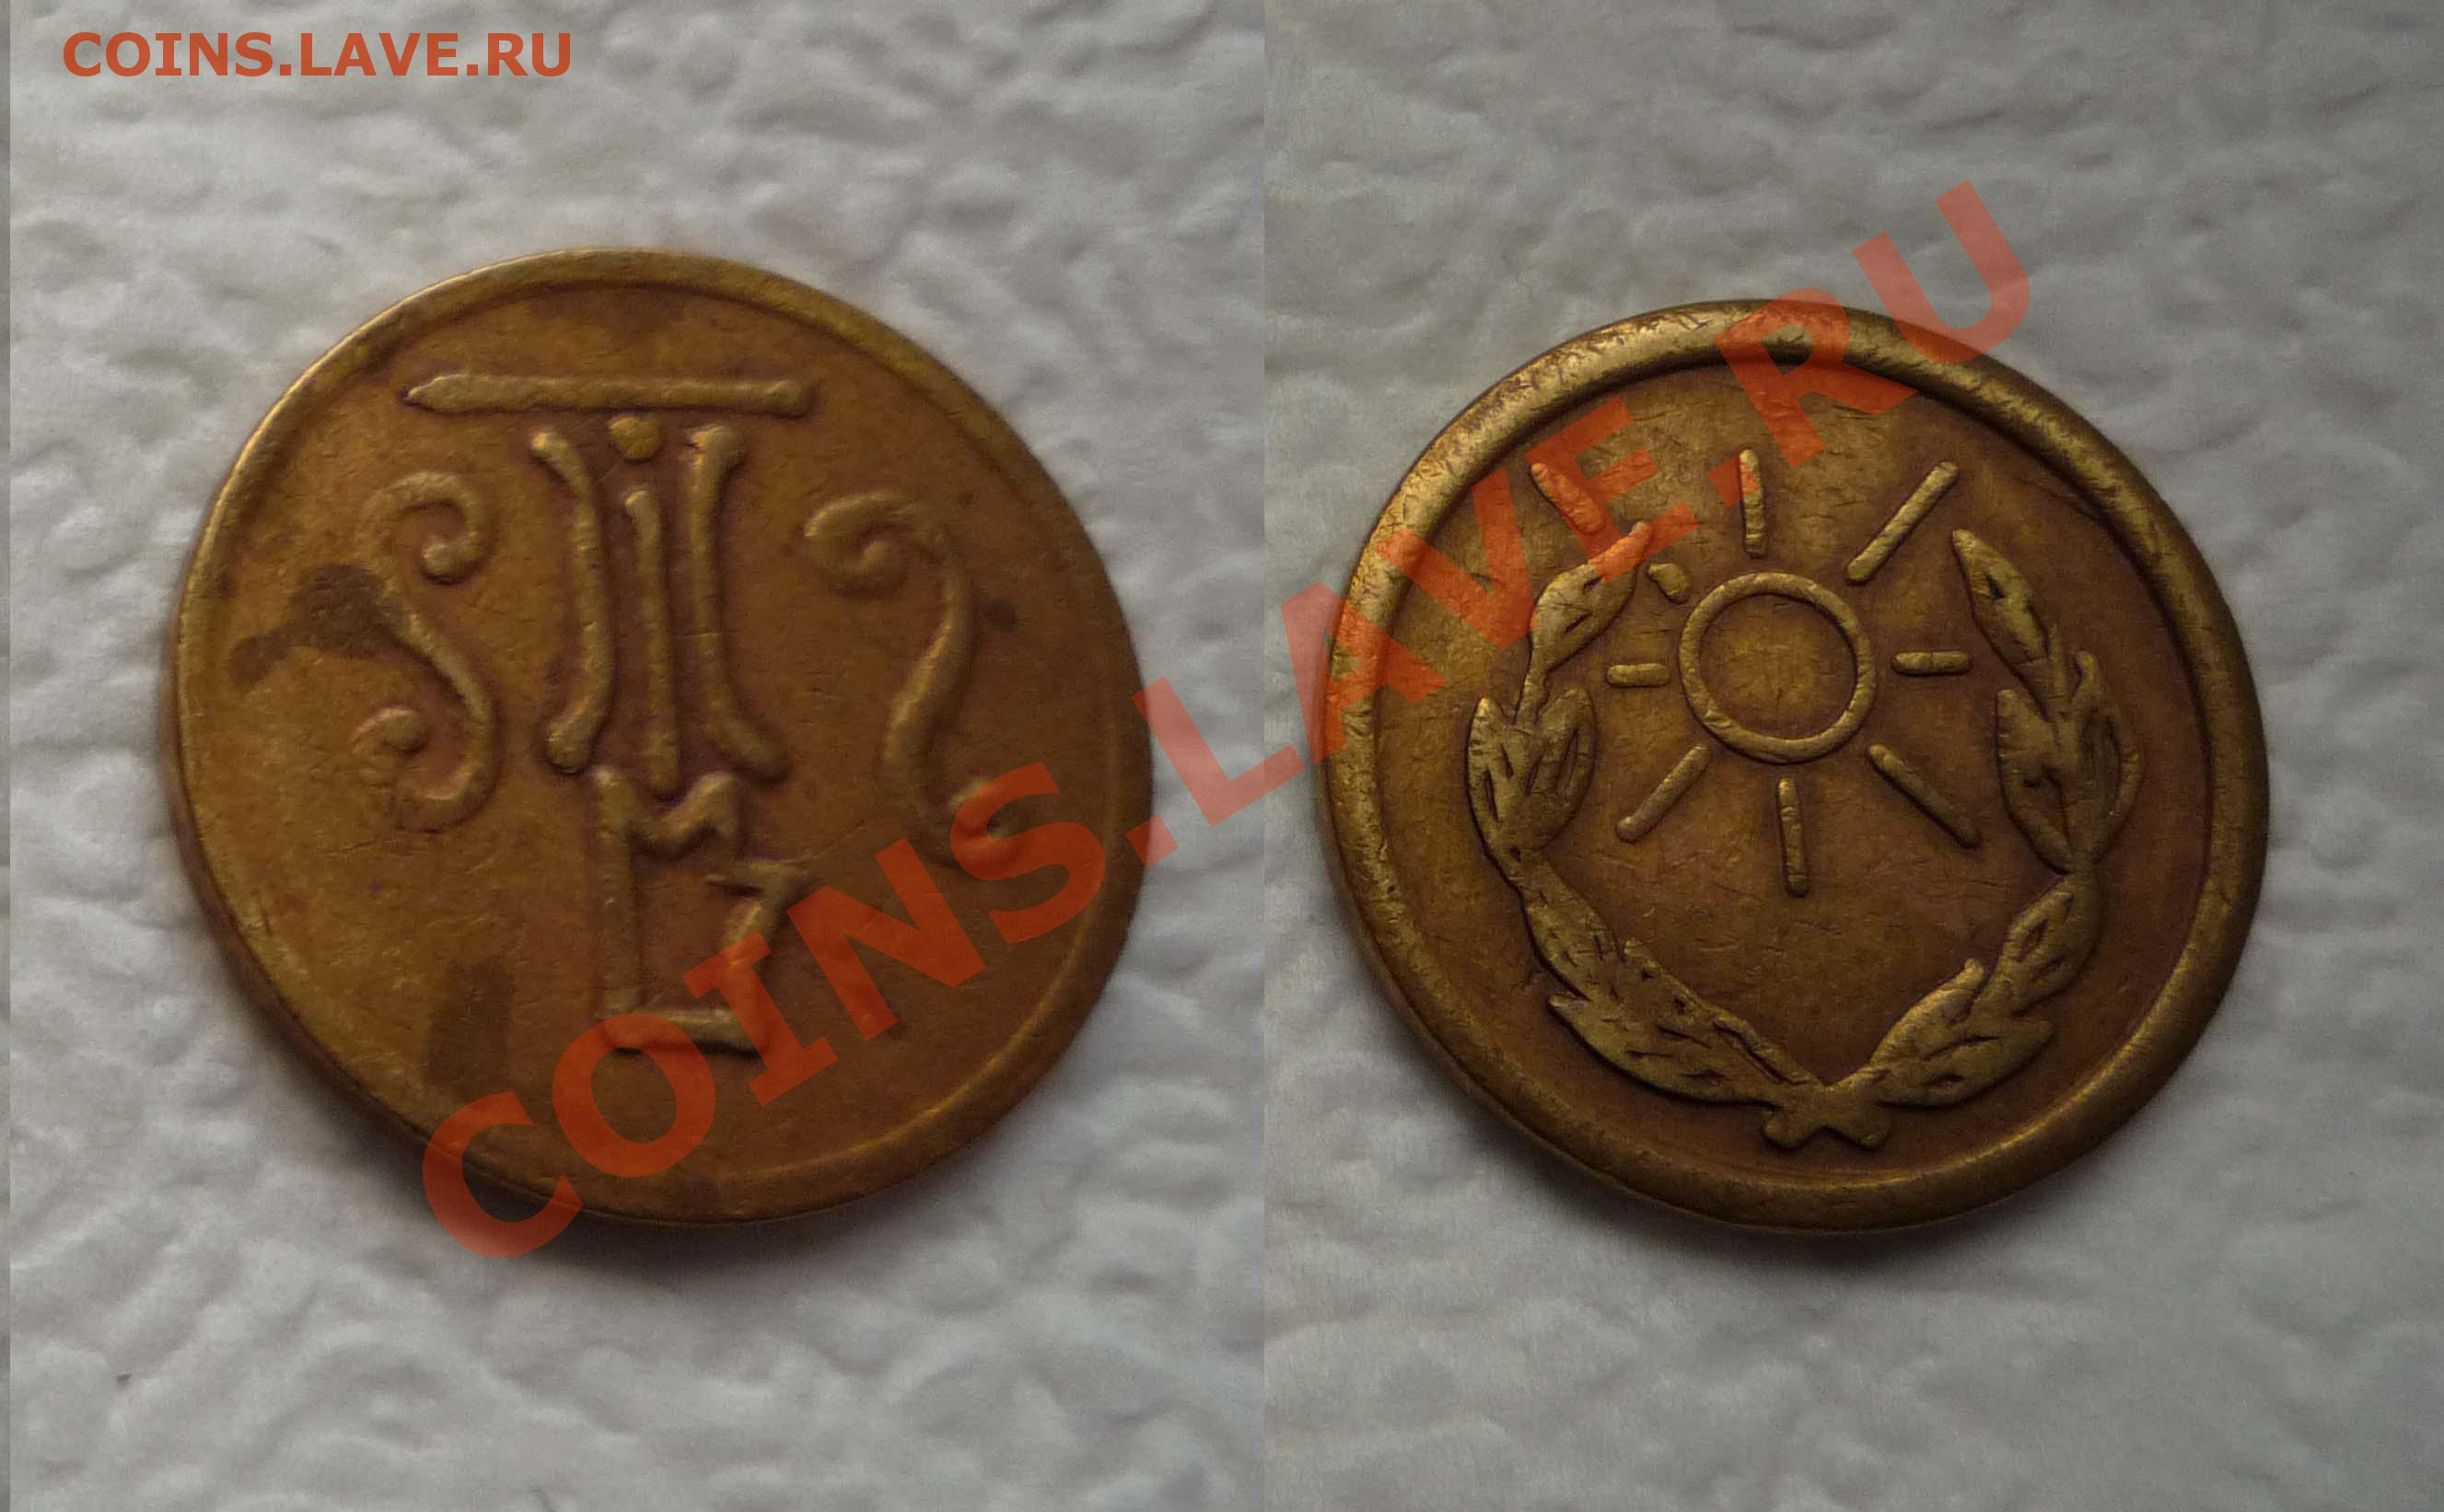 Монета с изображением солнца главная империя новостей россии мира и снг